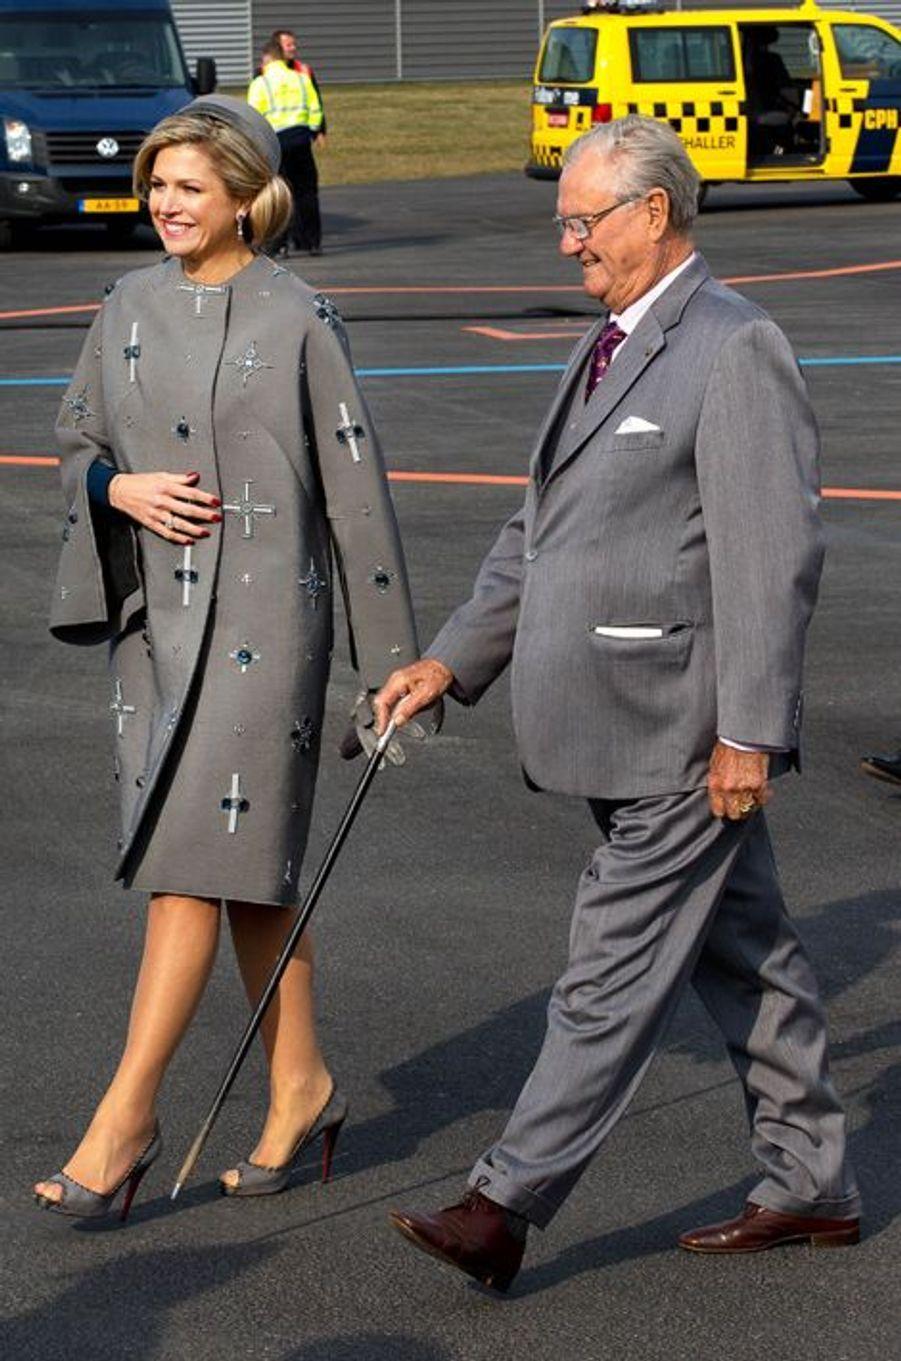 La reine Maxima des Pays-Bas et le prince consort Henrik de Danemark à l'aéroport de Copenhague, le 17 mars 2015